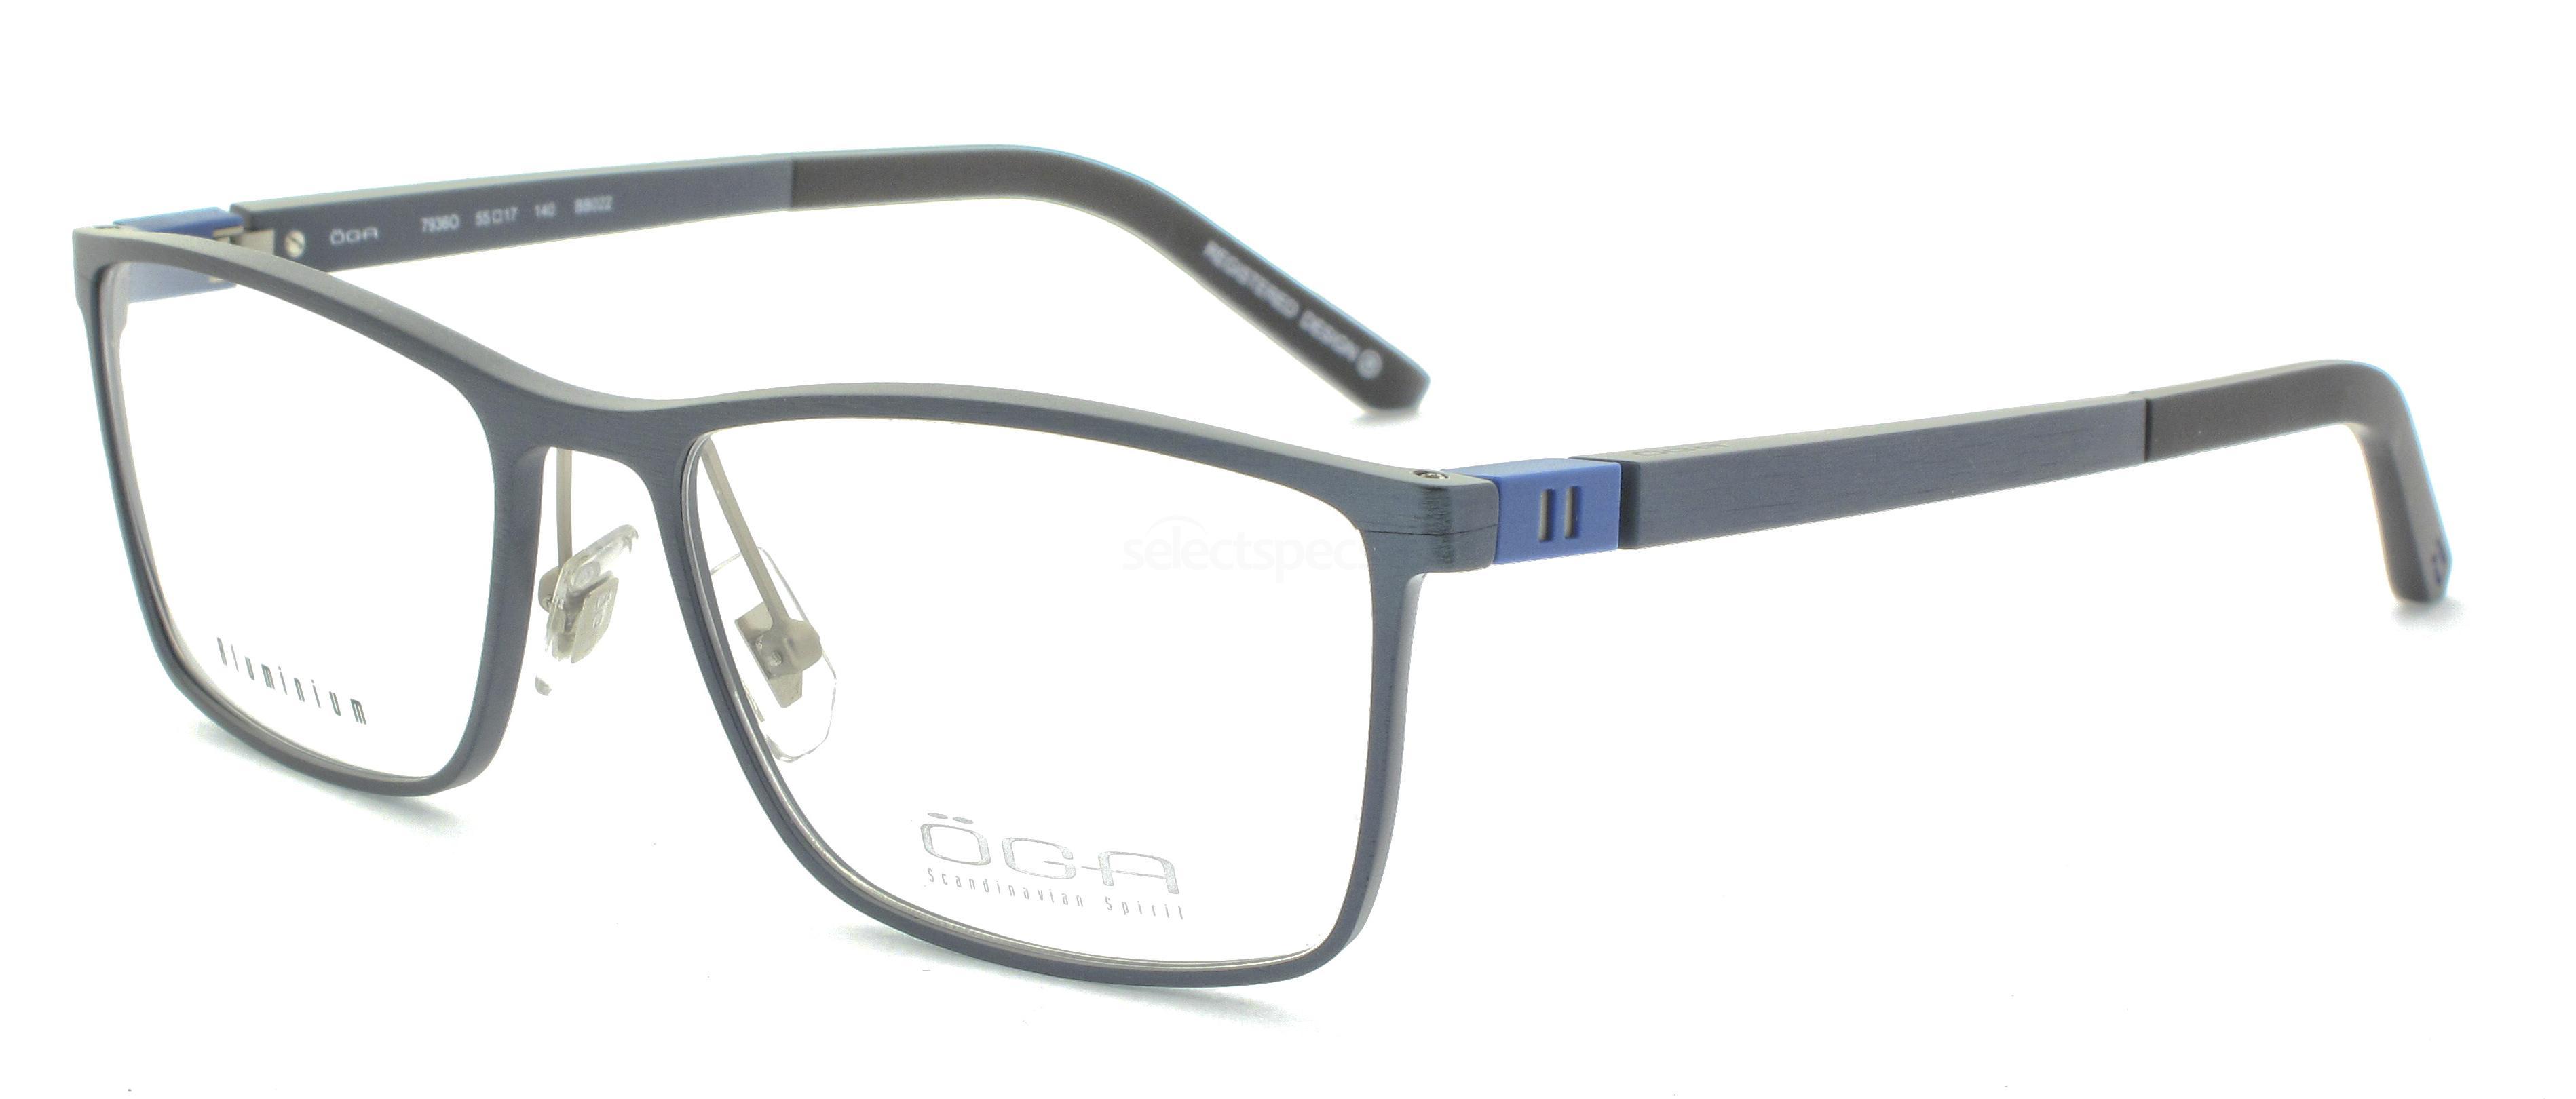 BB022 7936O SKARP (FULL  ALUMINIUM) Glasses, ÖGA Scandinavian Spirit